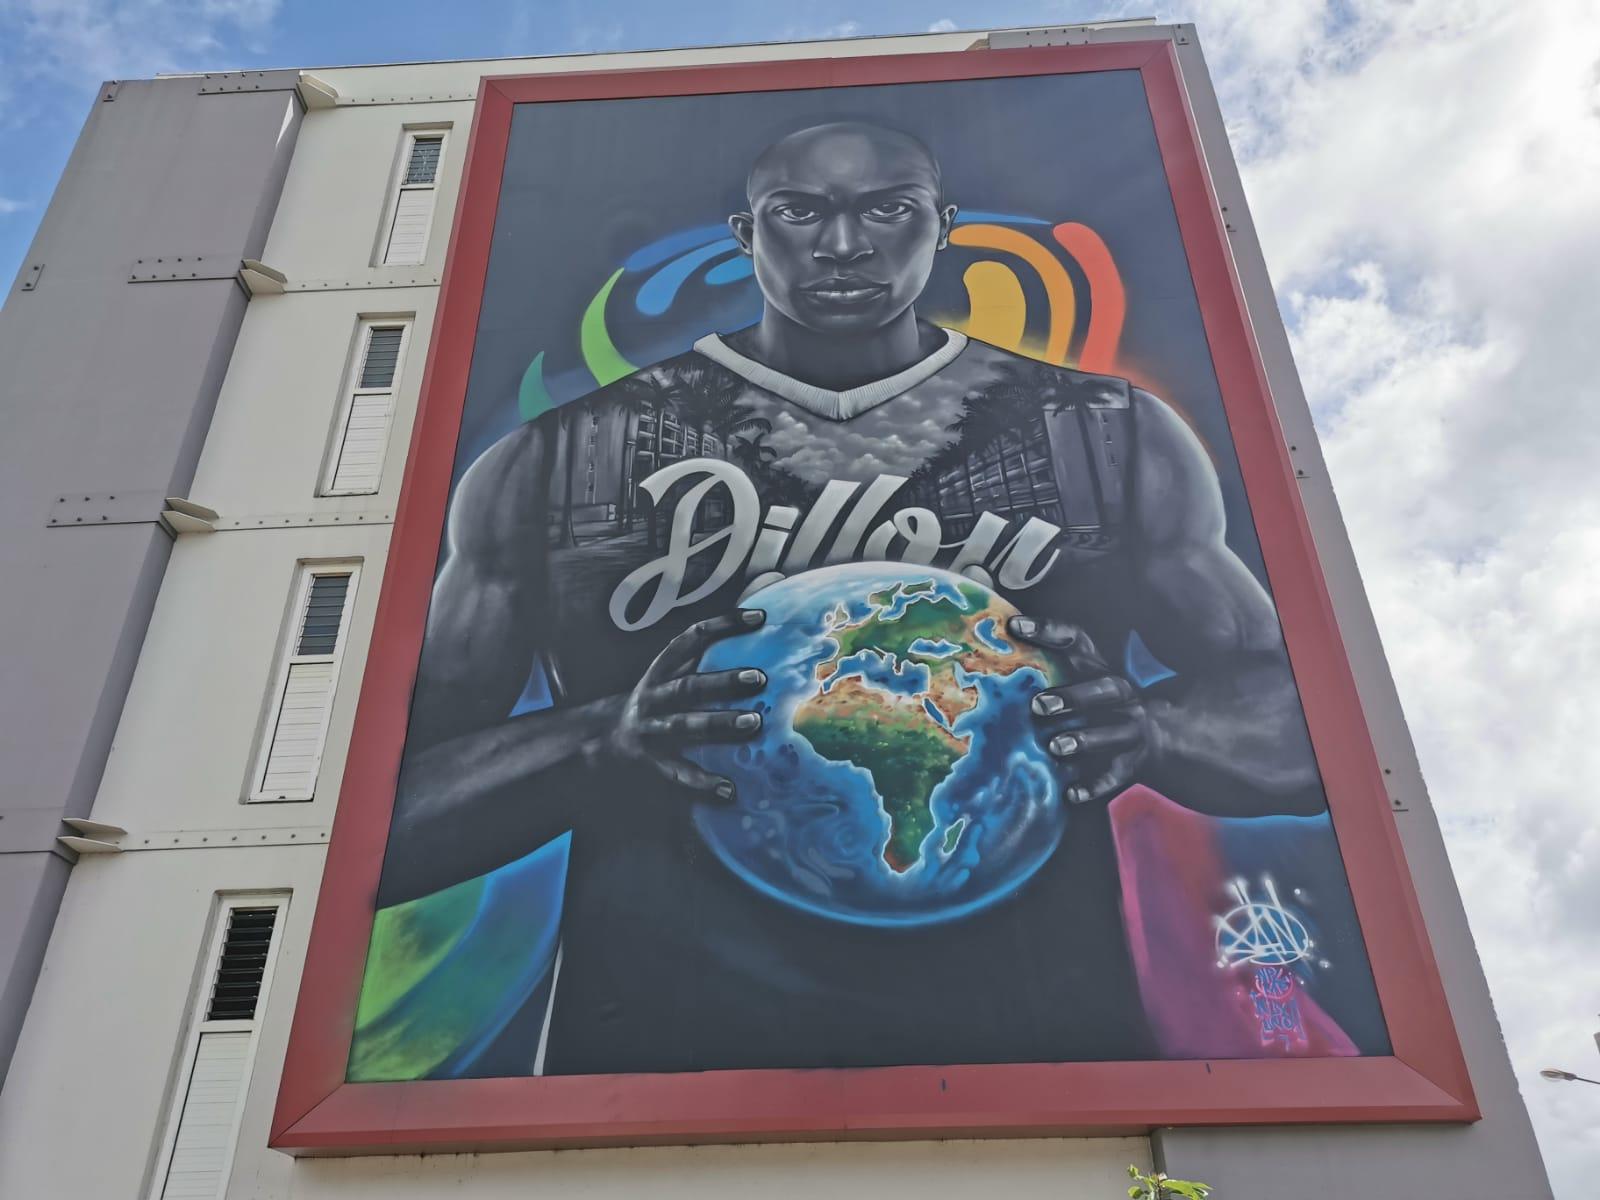 [VIDEO] De nouvelles fresques colorent les immeubles de la cité Dillon